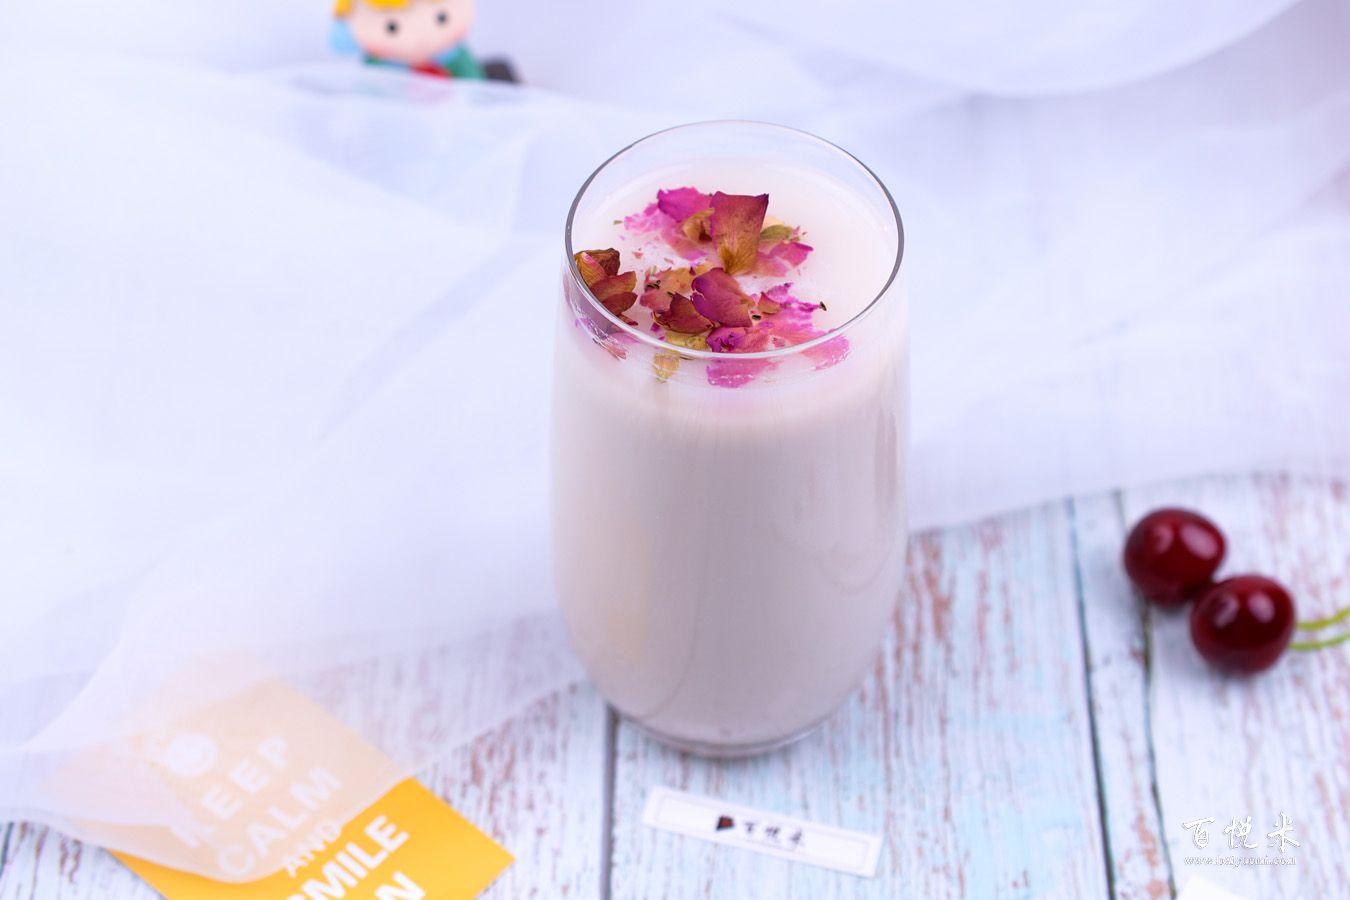 玫瑰奶茶的做法大全,玫瑰奶茶西点培训图文教程分享